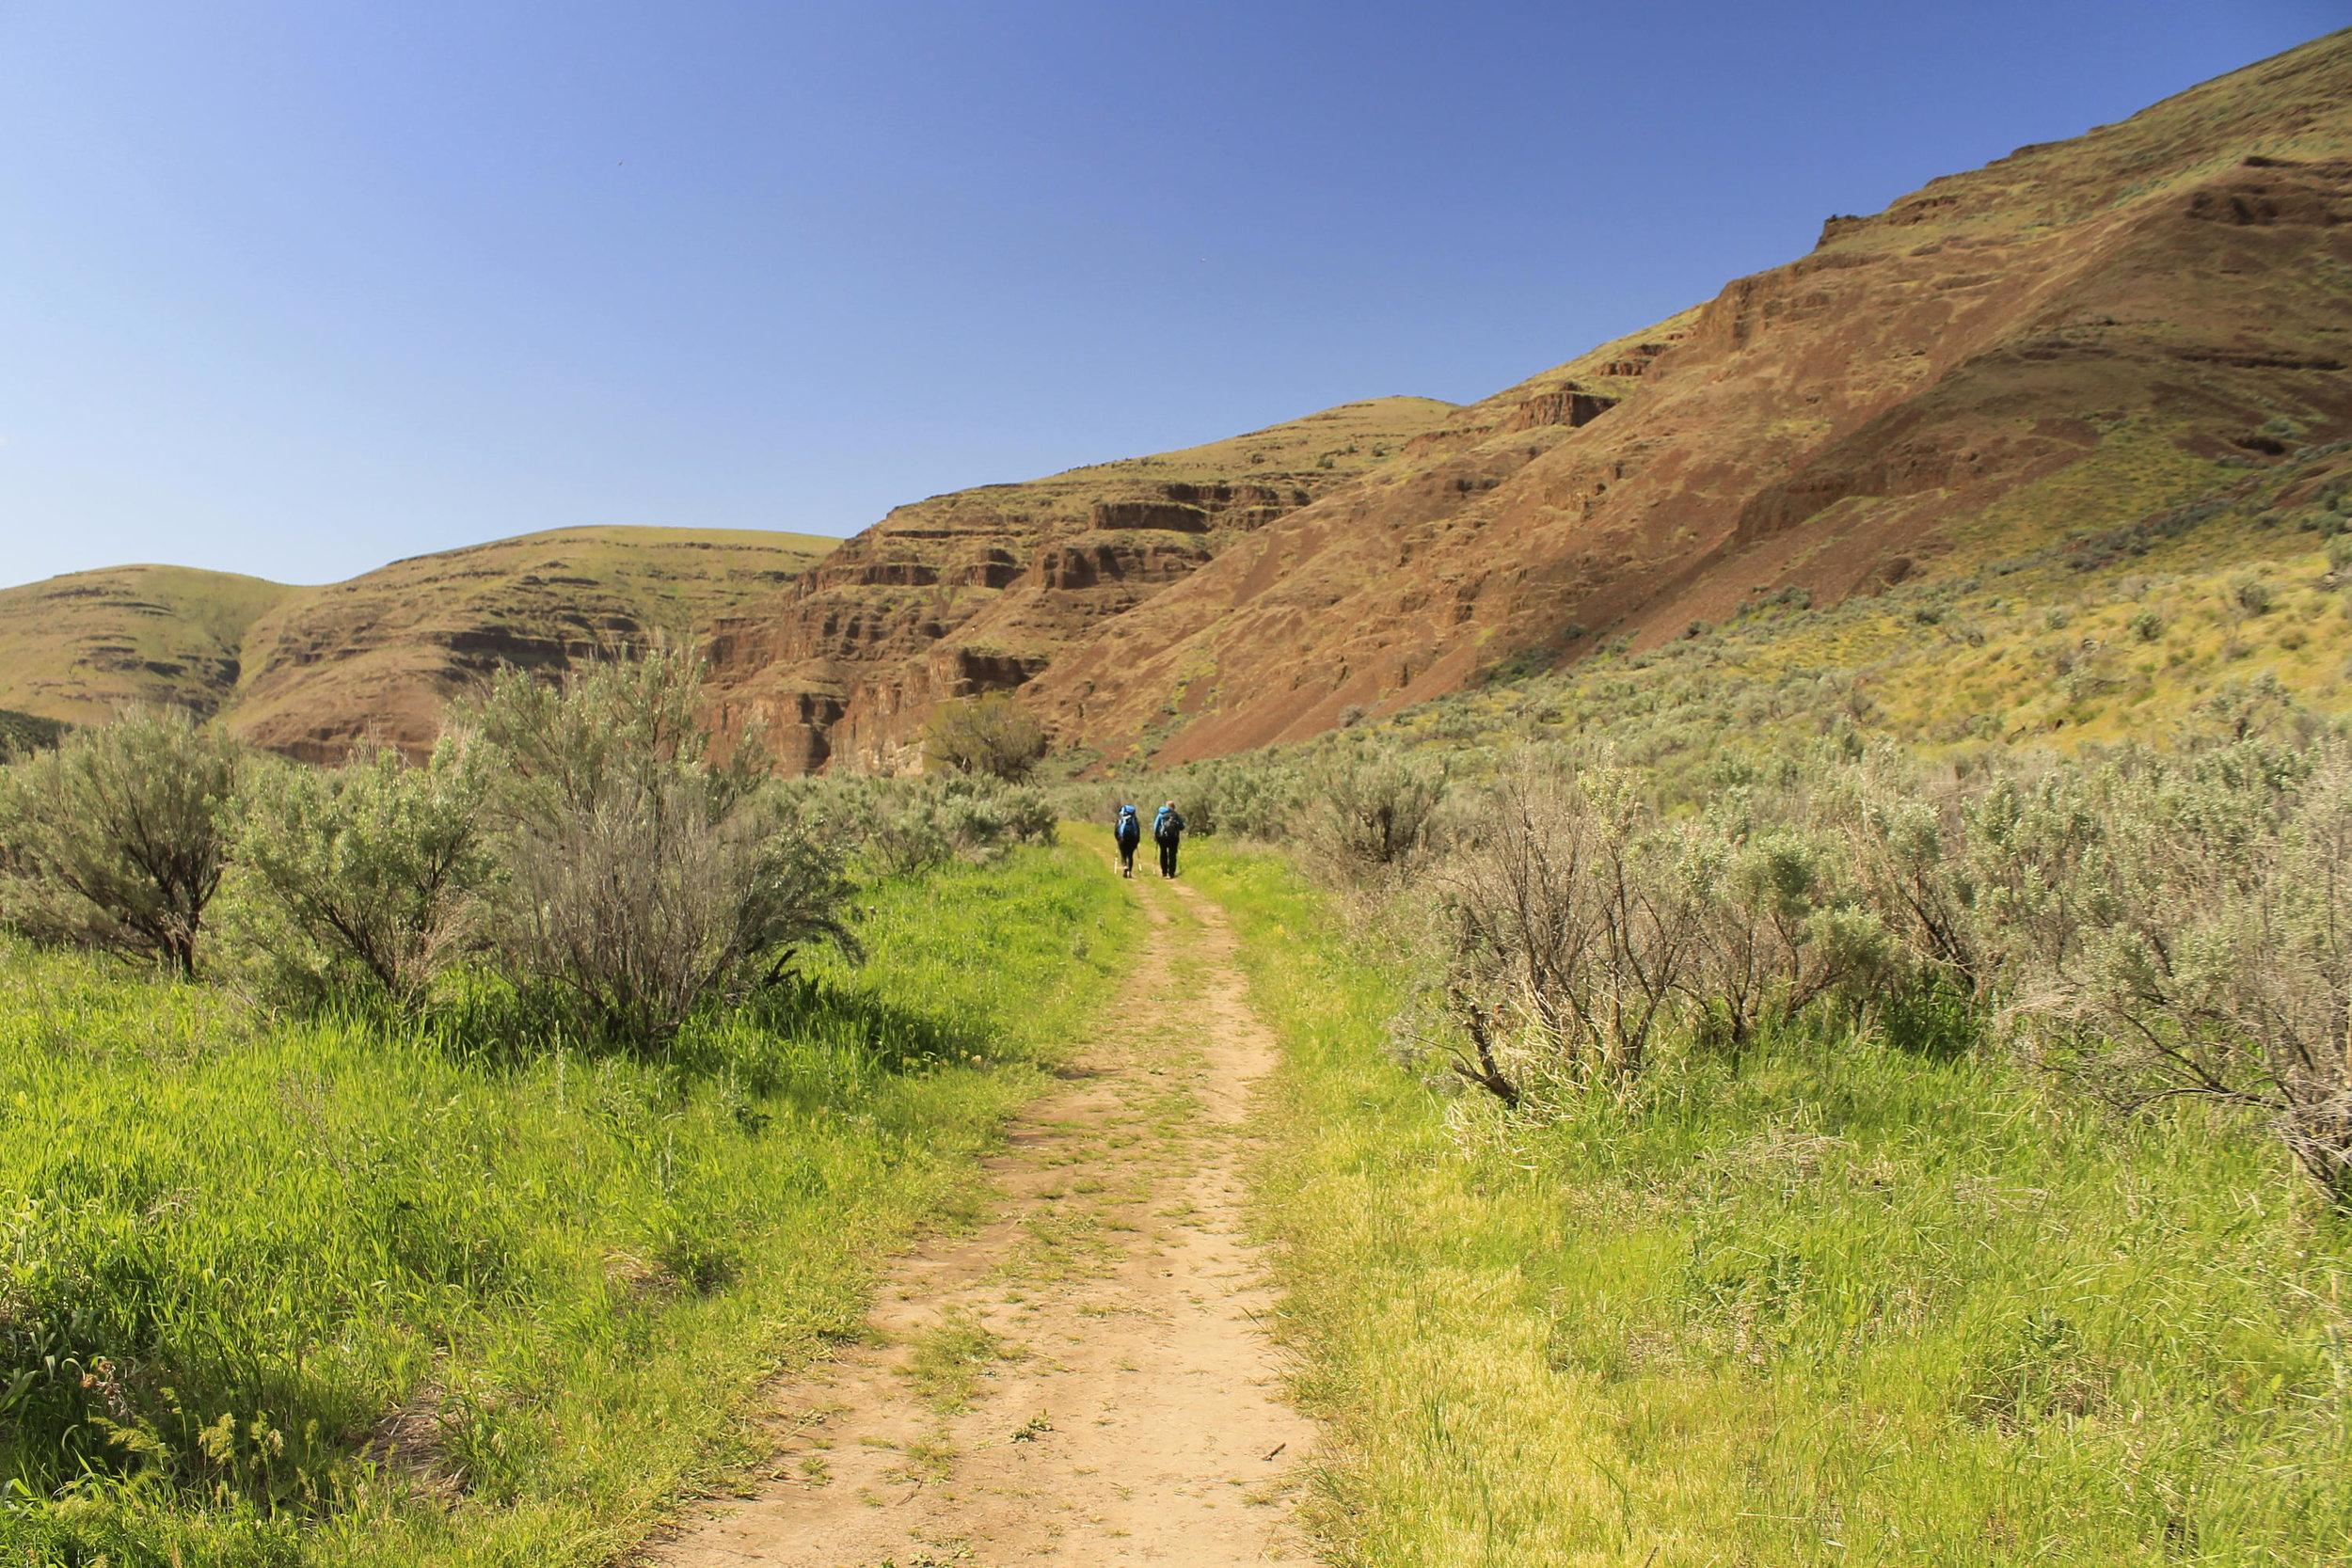 Hiking back Cottonwood Canyon